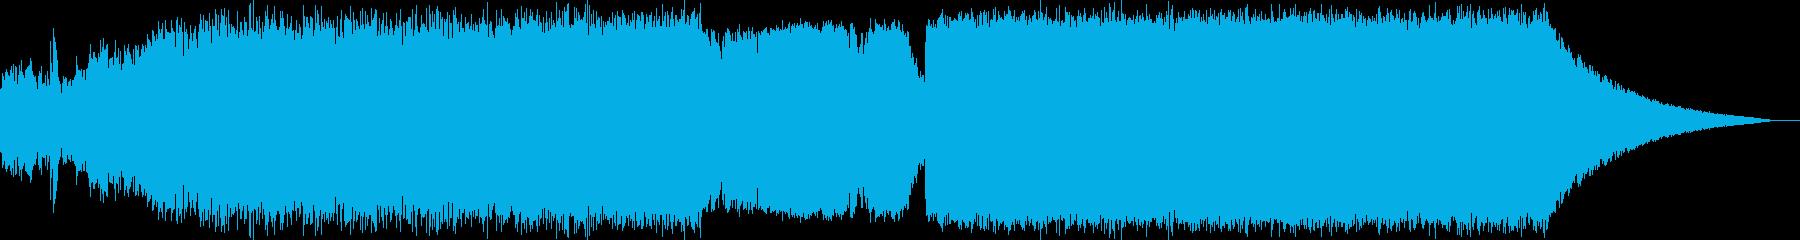 疾走感がある美しいドラムンベースの再生済みの波形